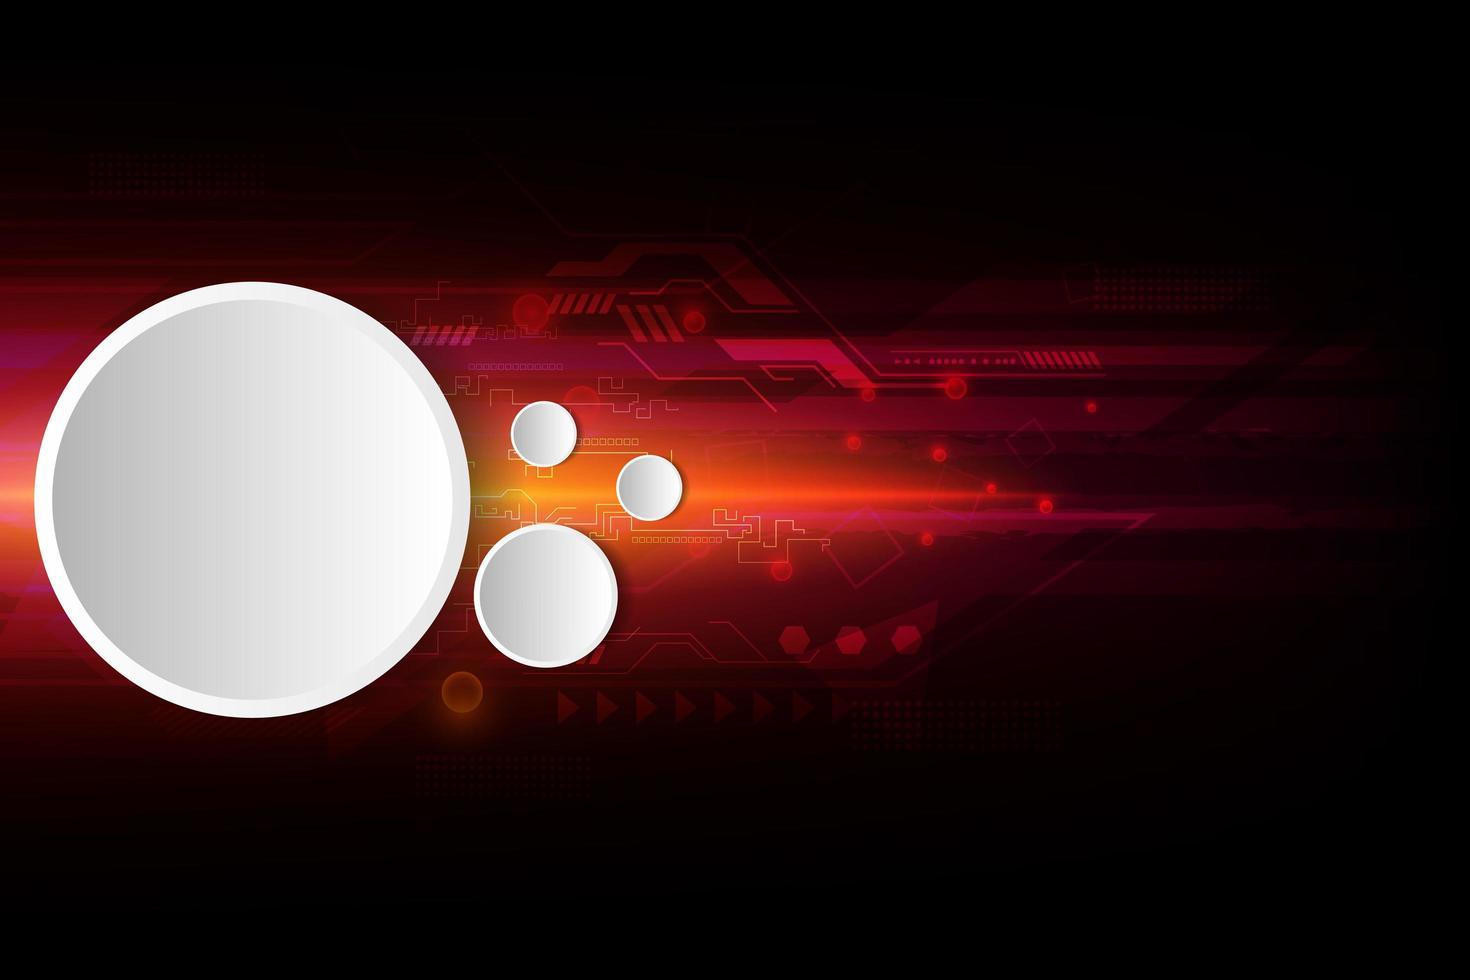 rosso tecnologia digitale del futuro design con cornici bianche vettore